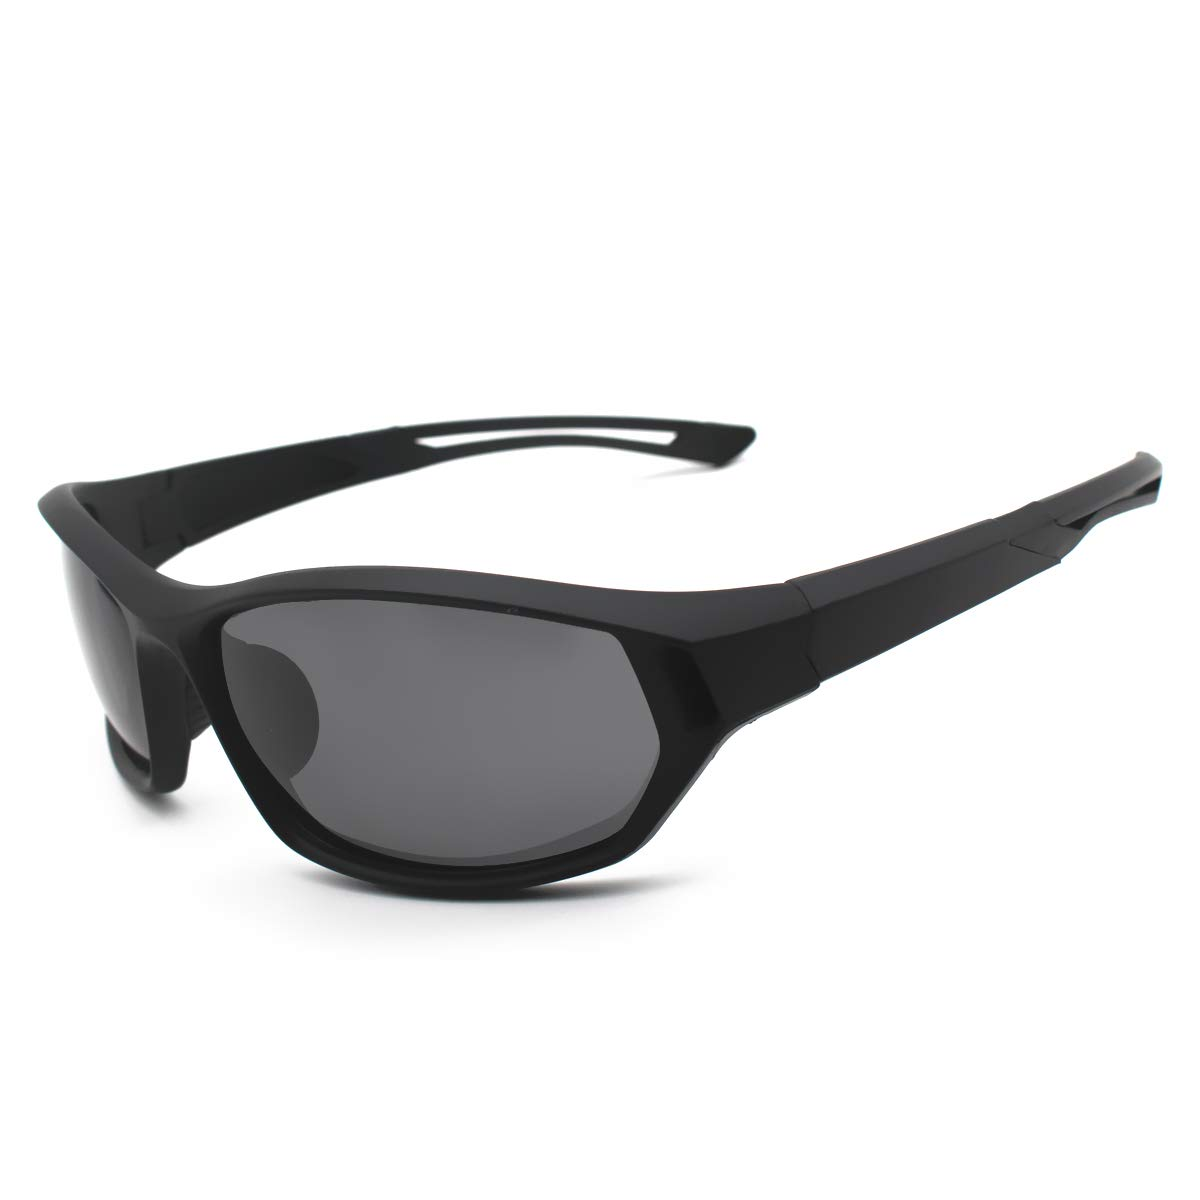 8c78b9b823 LATEC Gafas de Sol Deportivas, Gafas Ciclismo Polarizadas con Protección  UV400 y TR90 Unbreakable Frame, para Hombres Mujeres al Aire Libre Deportes  Pesca ...